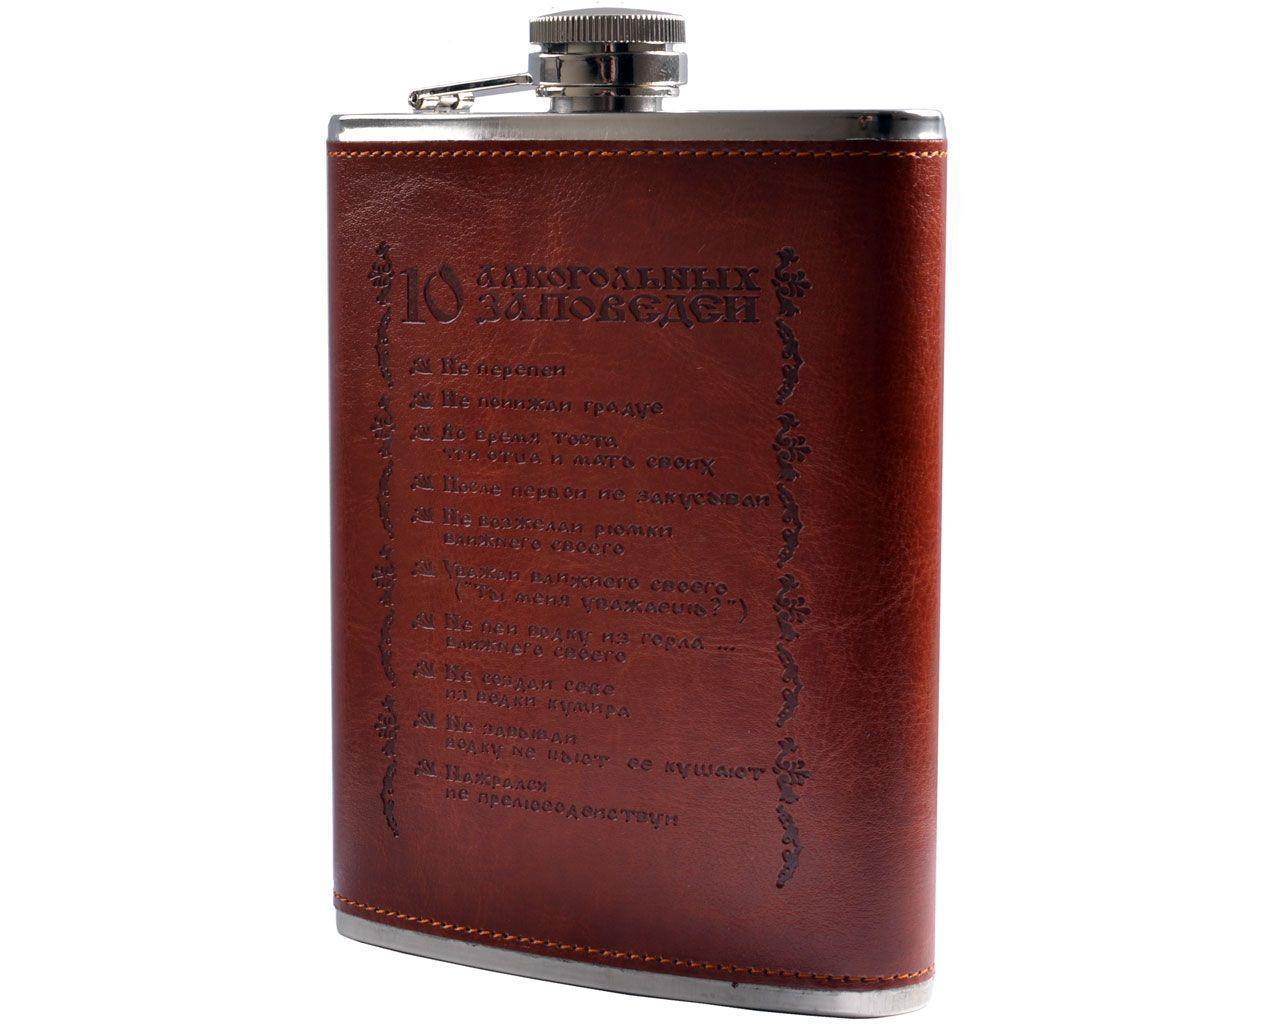 Фляга 10 алкогольных заповидей в коже (568мл)